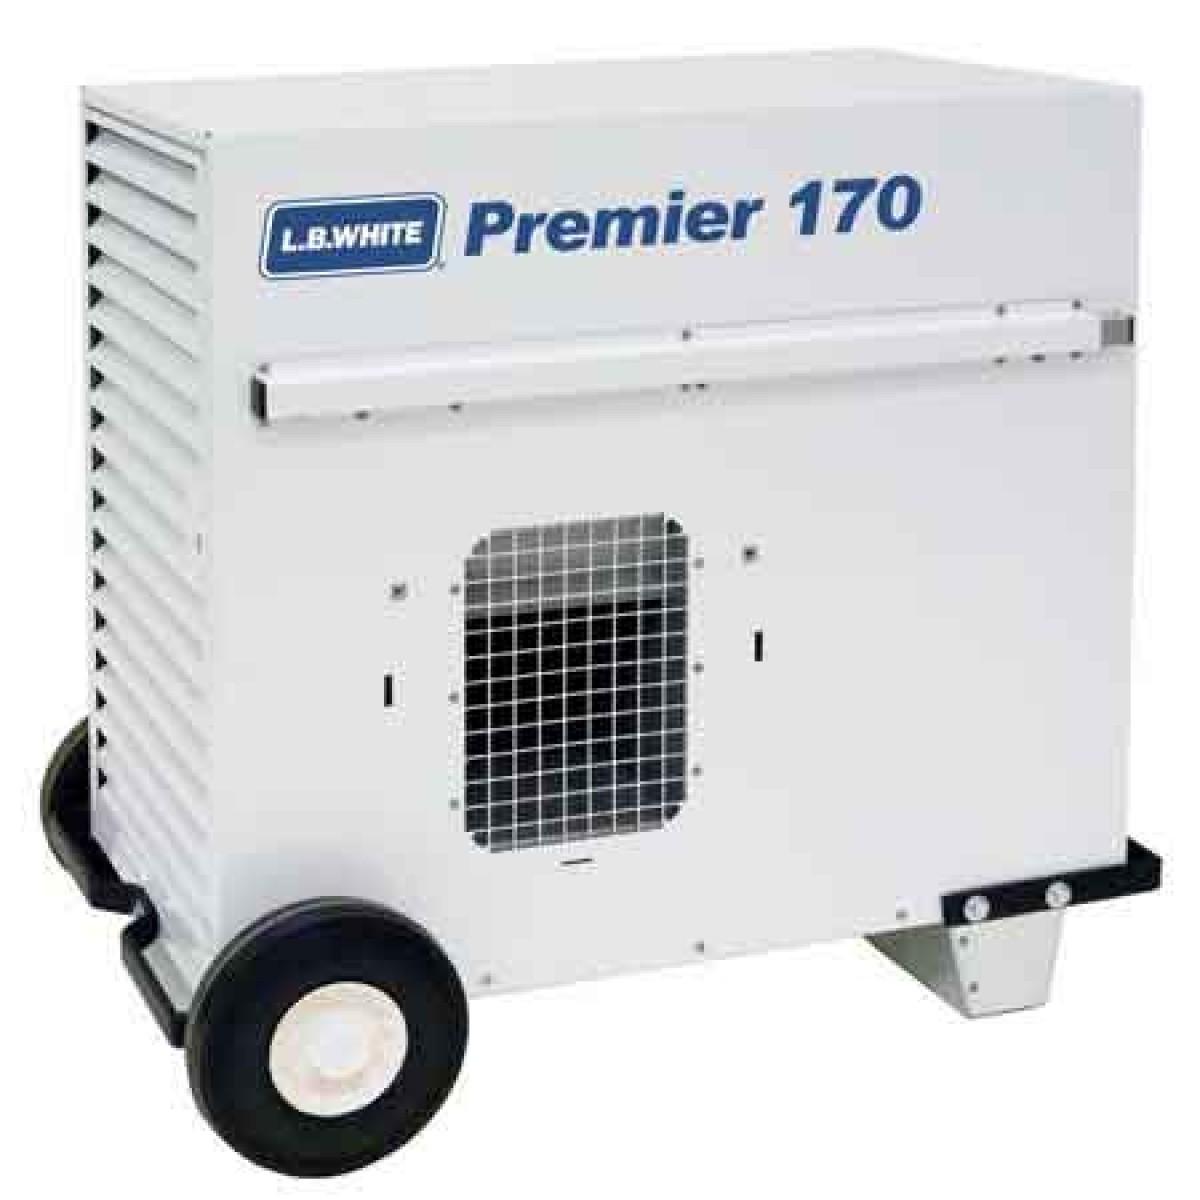 Lb White Premier 170 Df Lp Ng Dual Fuel Tent Heater 170 000